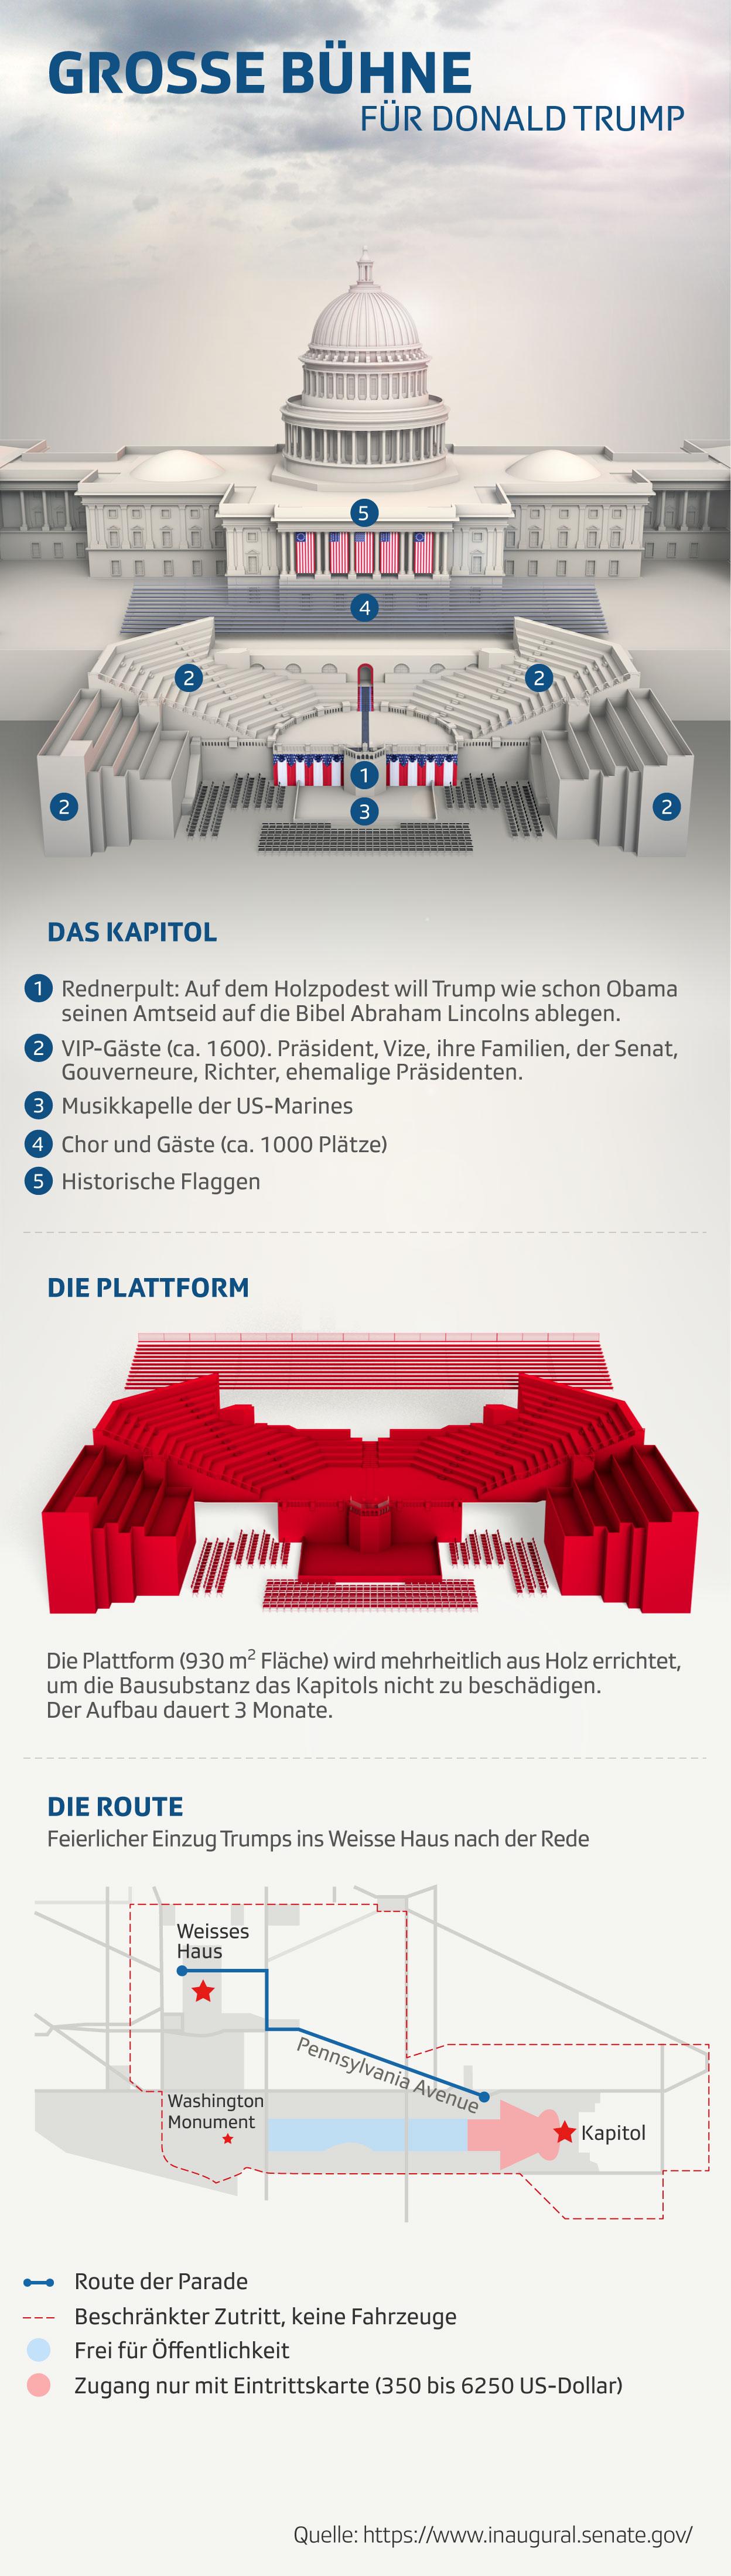 Grosse Bühne für Donald Trump